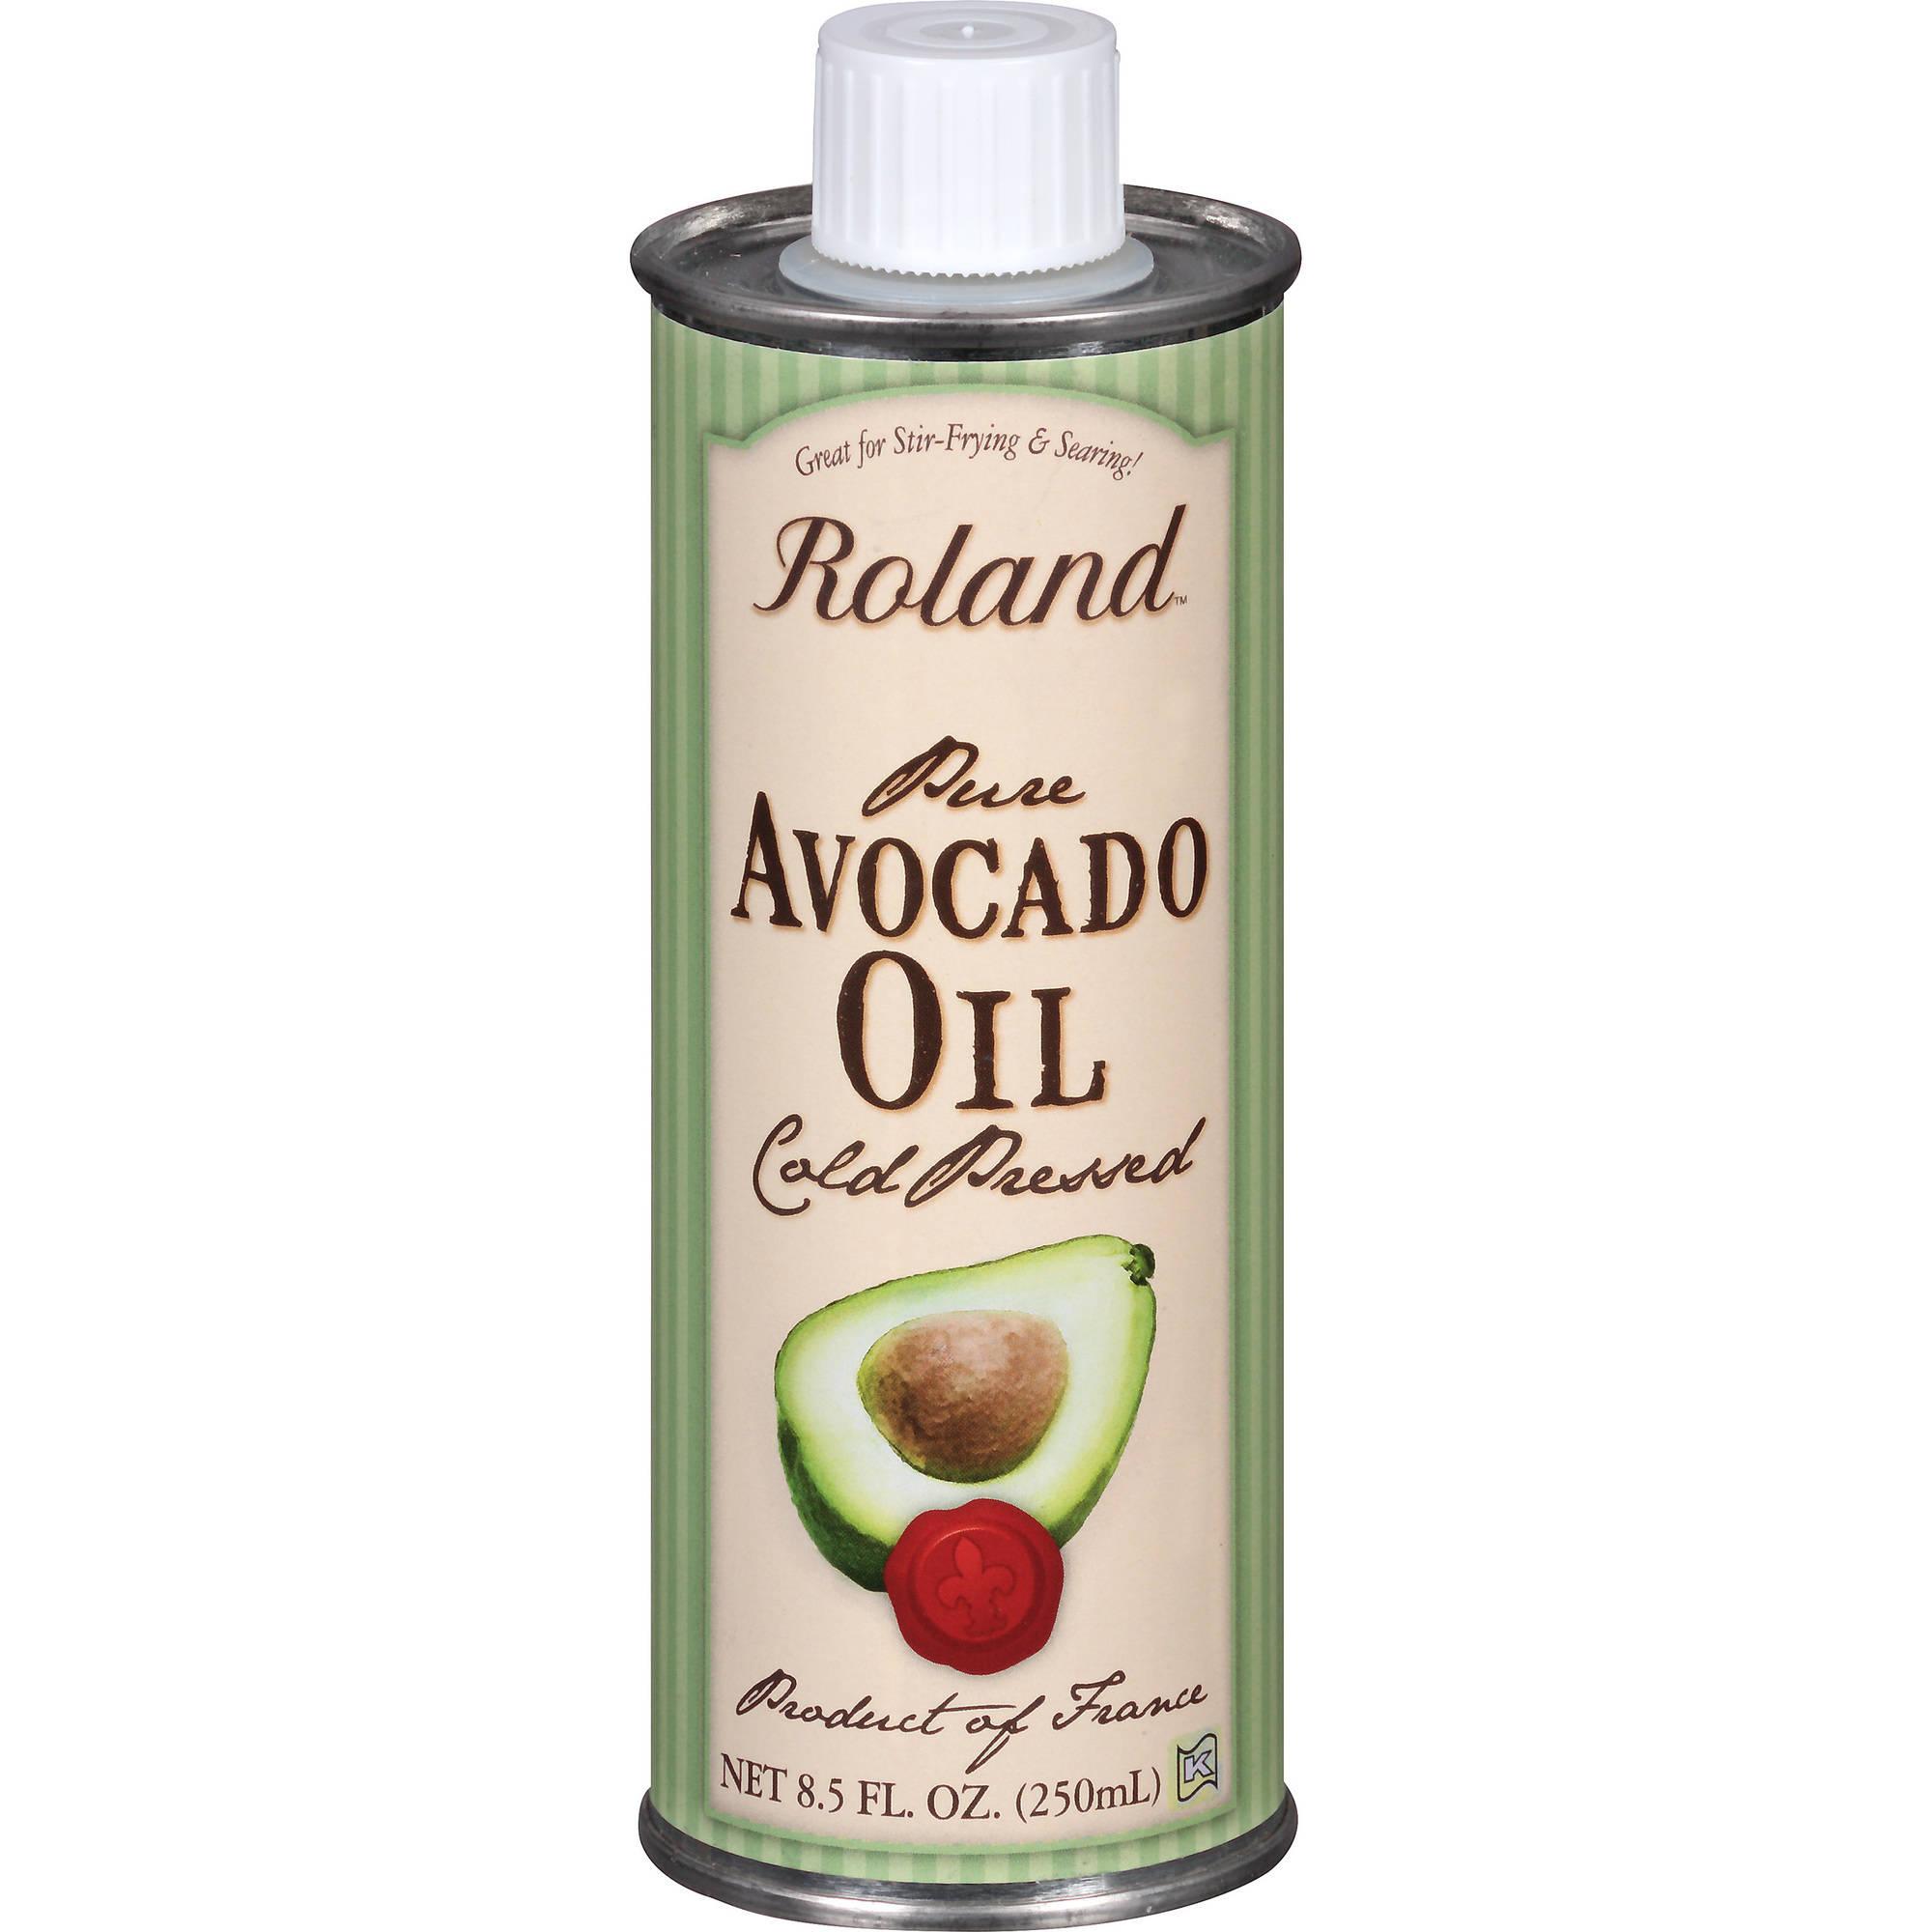 Roland Cold-Pressed Pure Avocado Oil, 8.5 fl oz